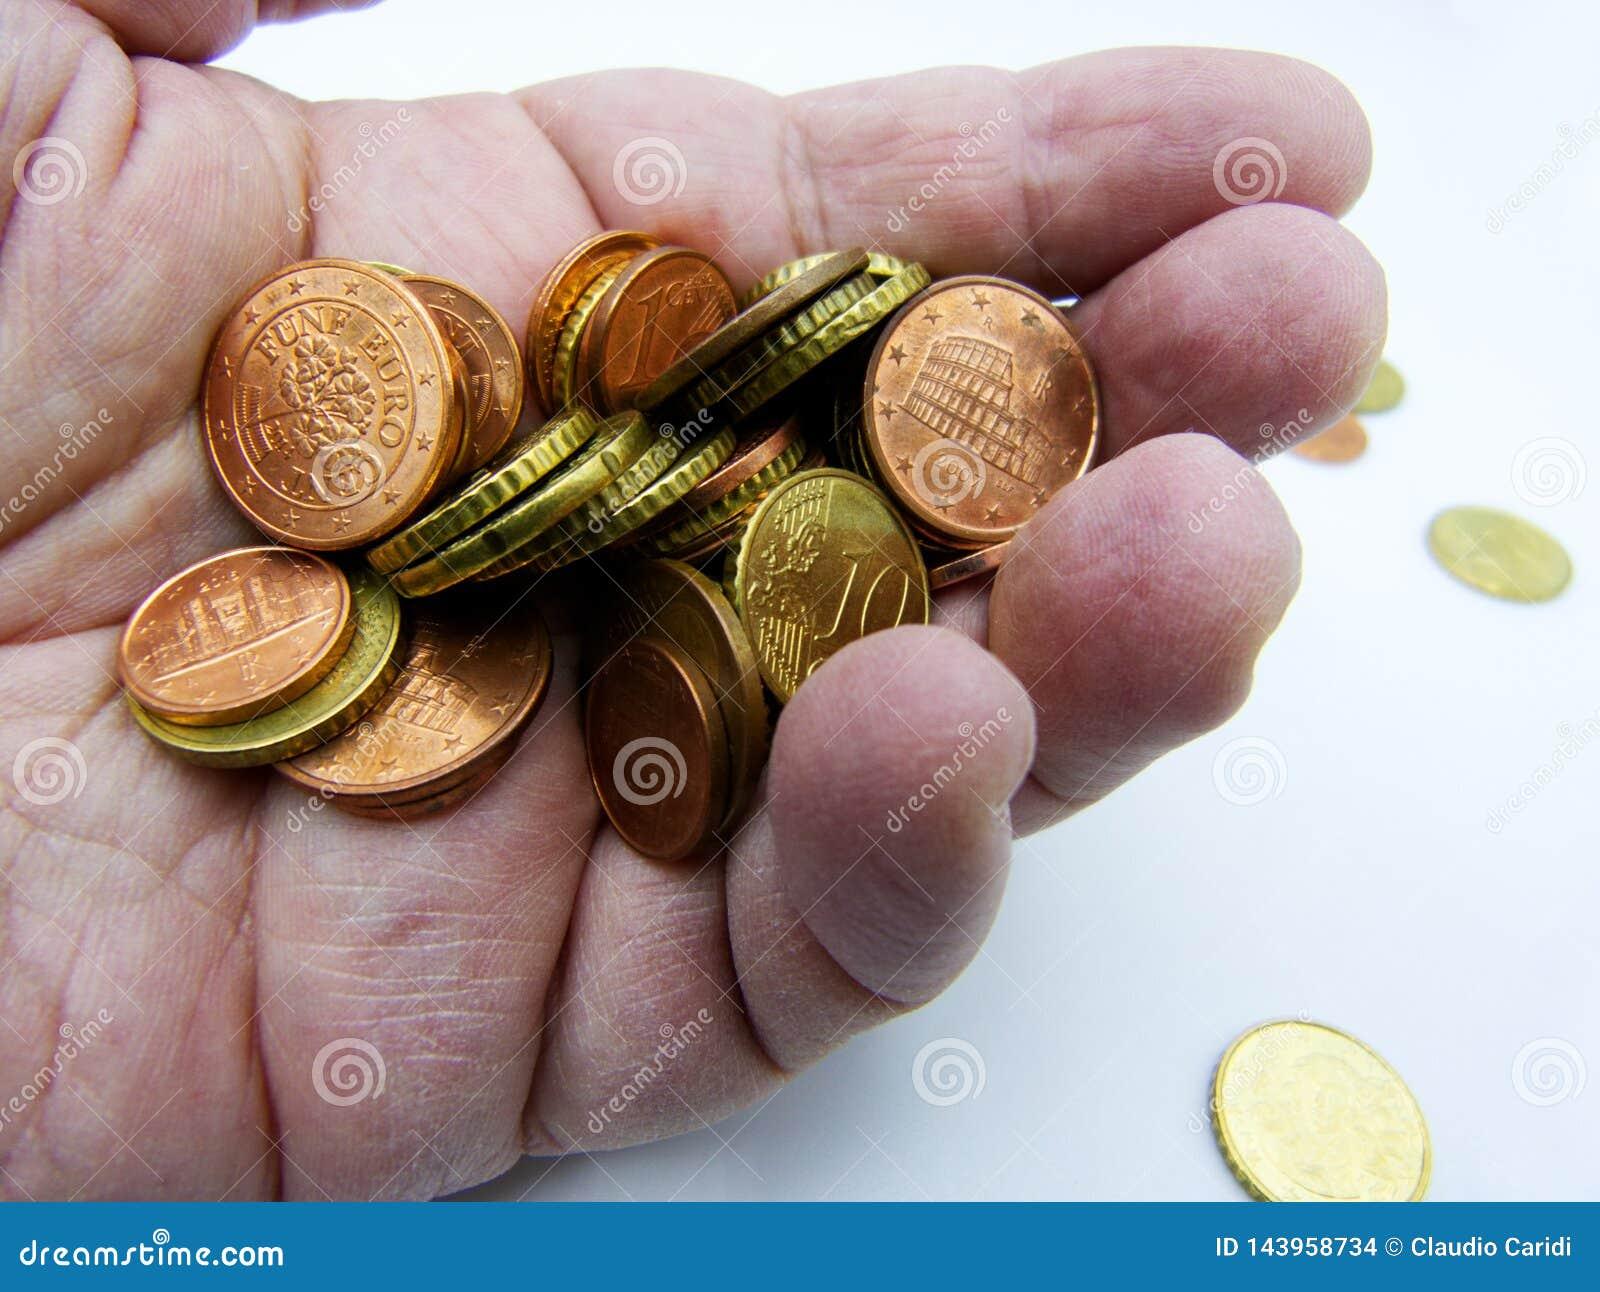 极少数欧元硬币在白色隔绝的棕榈手上